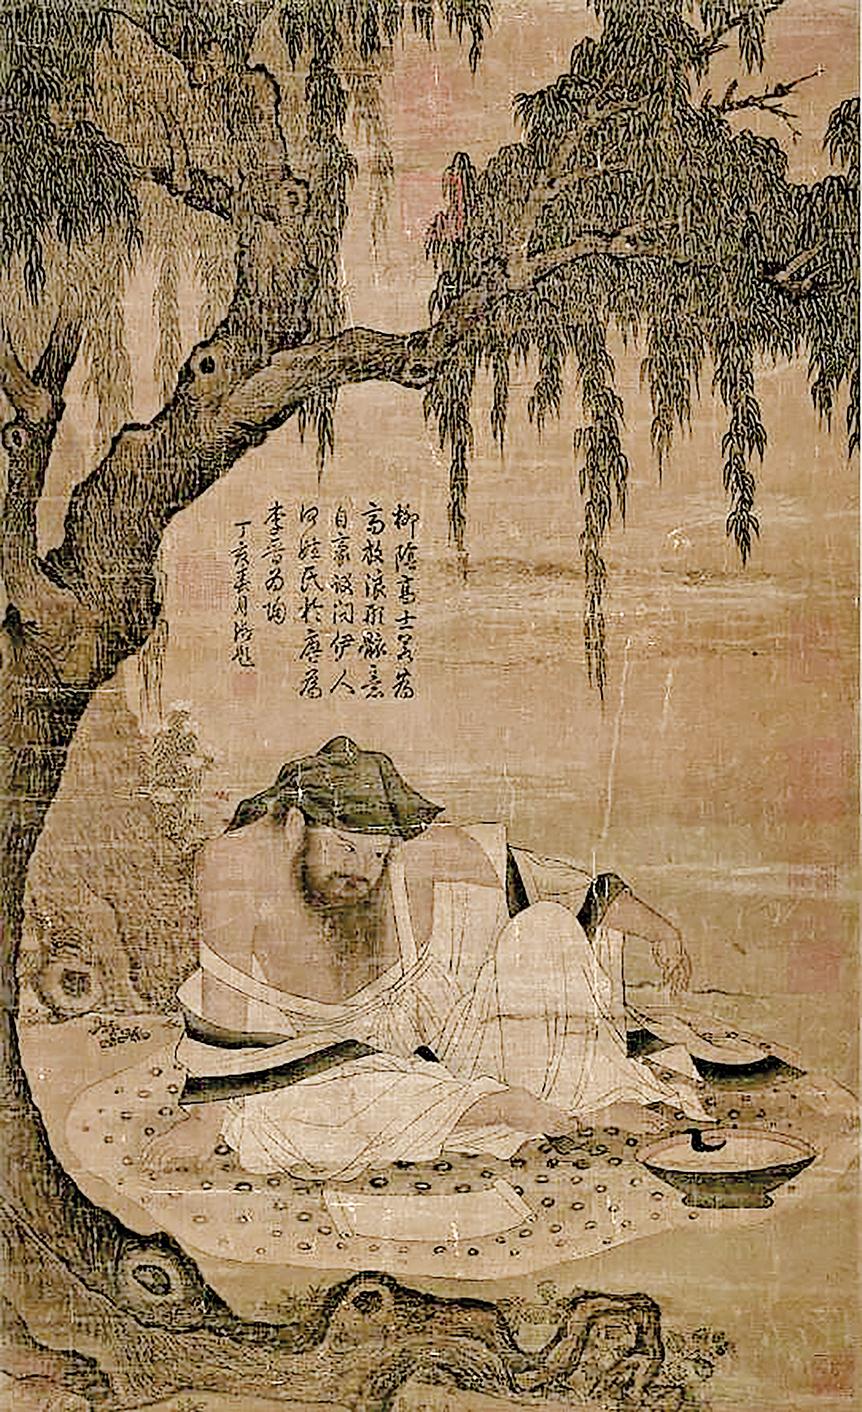 石壁預言唐人妙解